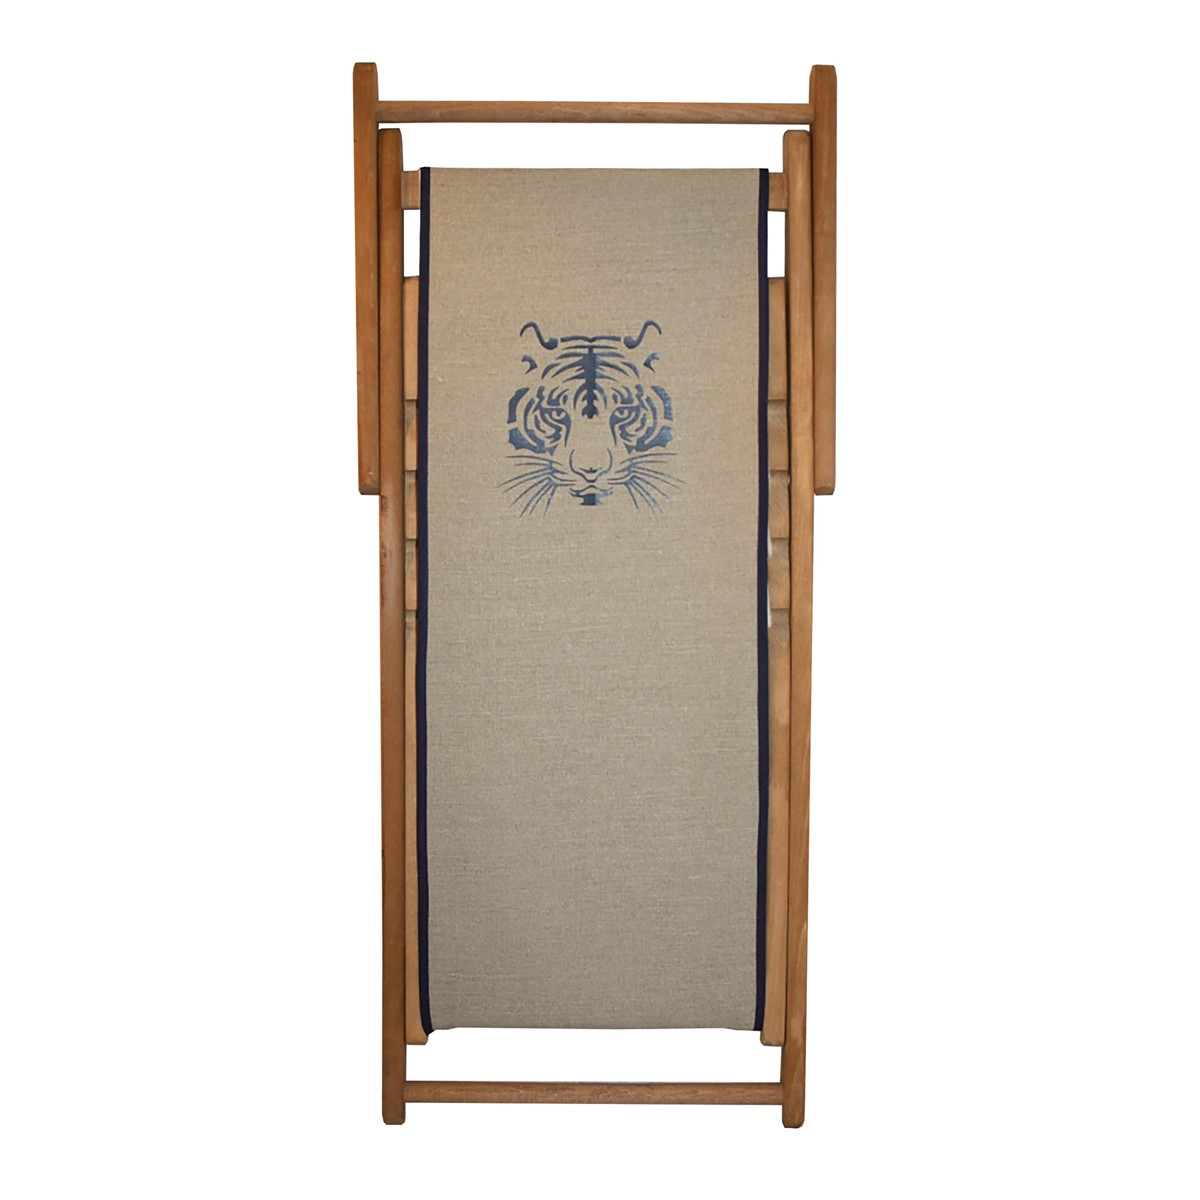 Transat en bois et toile for Chaise longue bois et toile